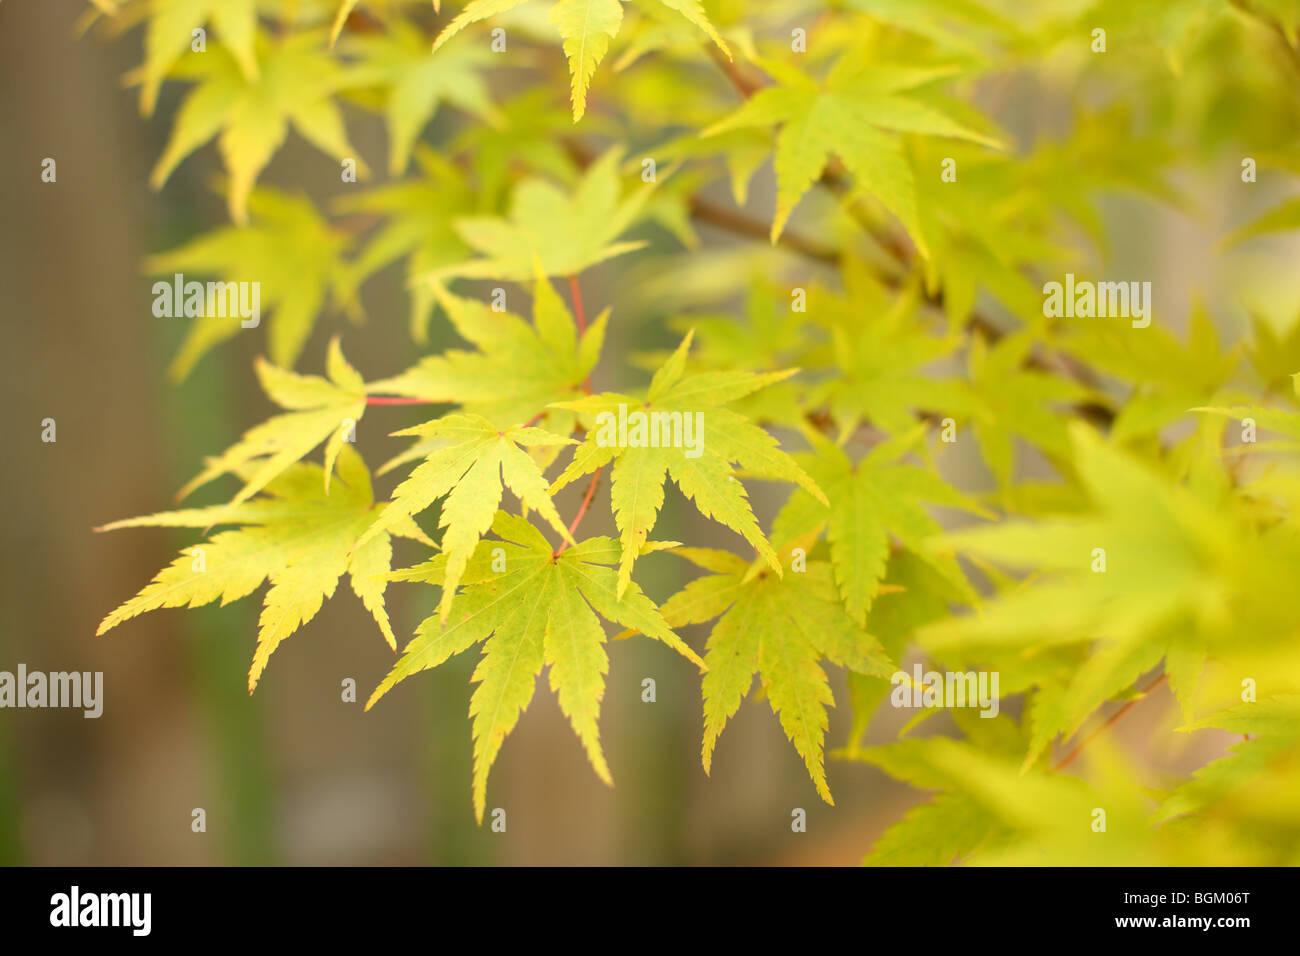 Giallo giapponese di foglie di acero Immagini Stock